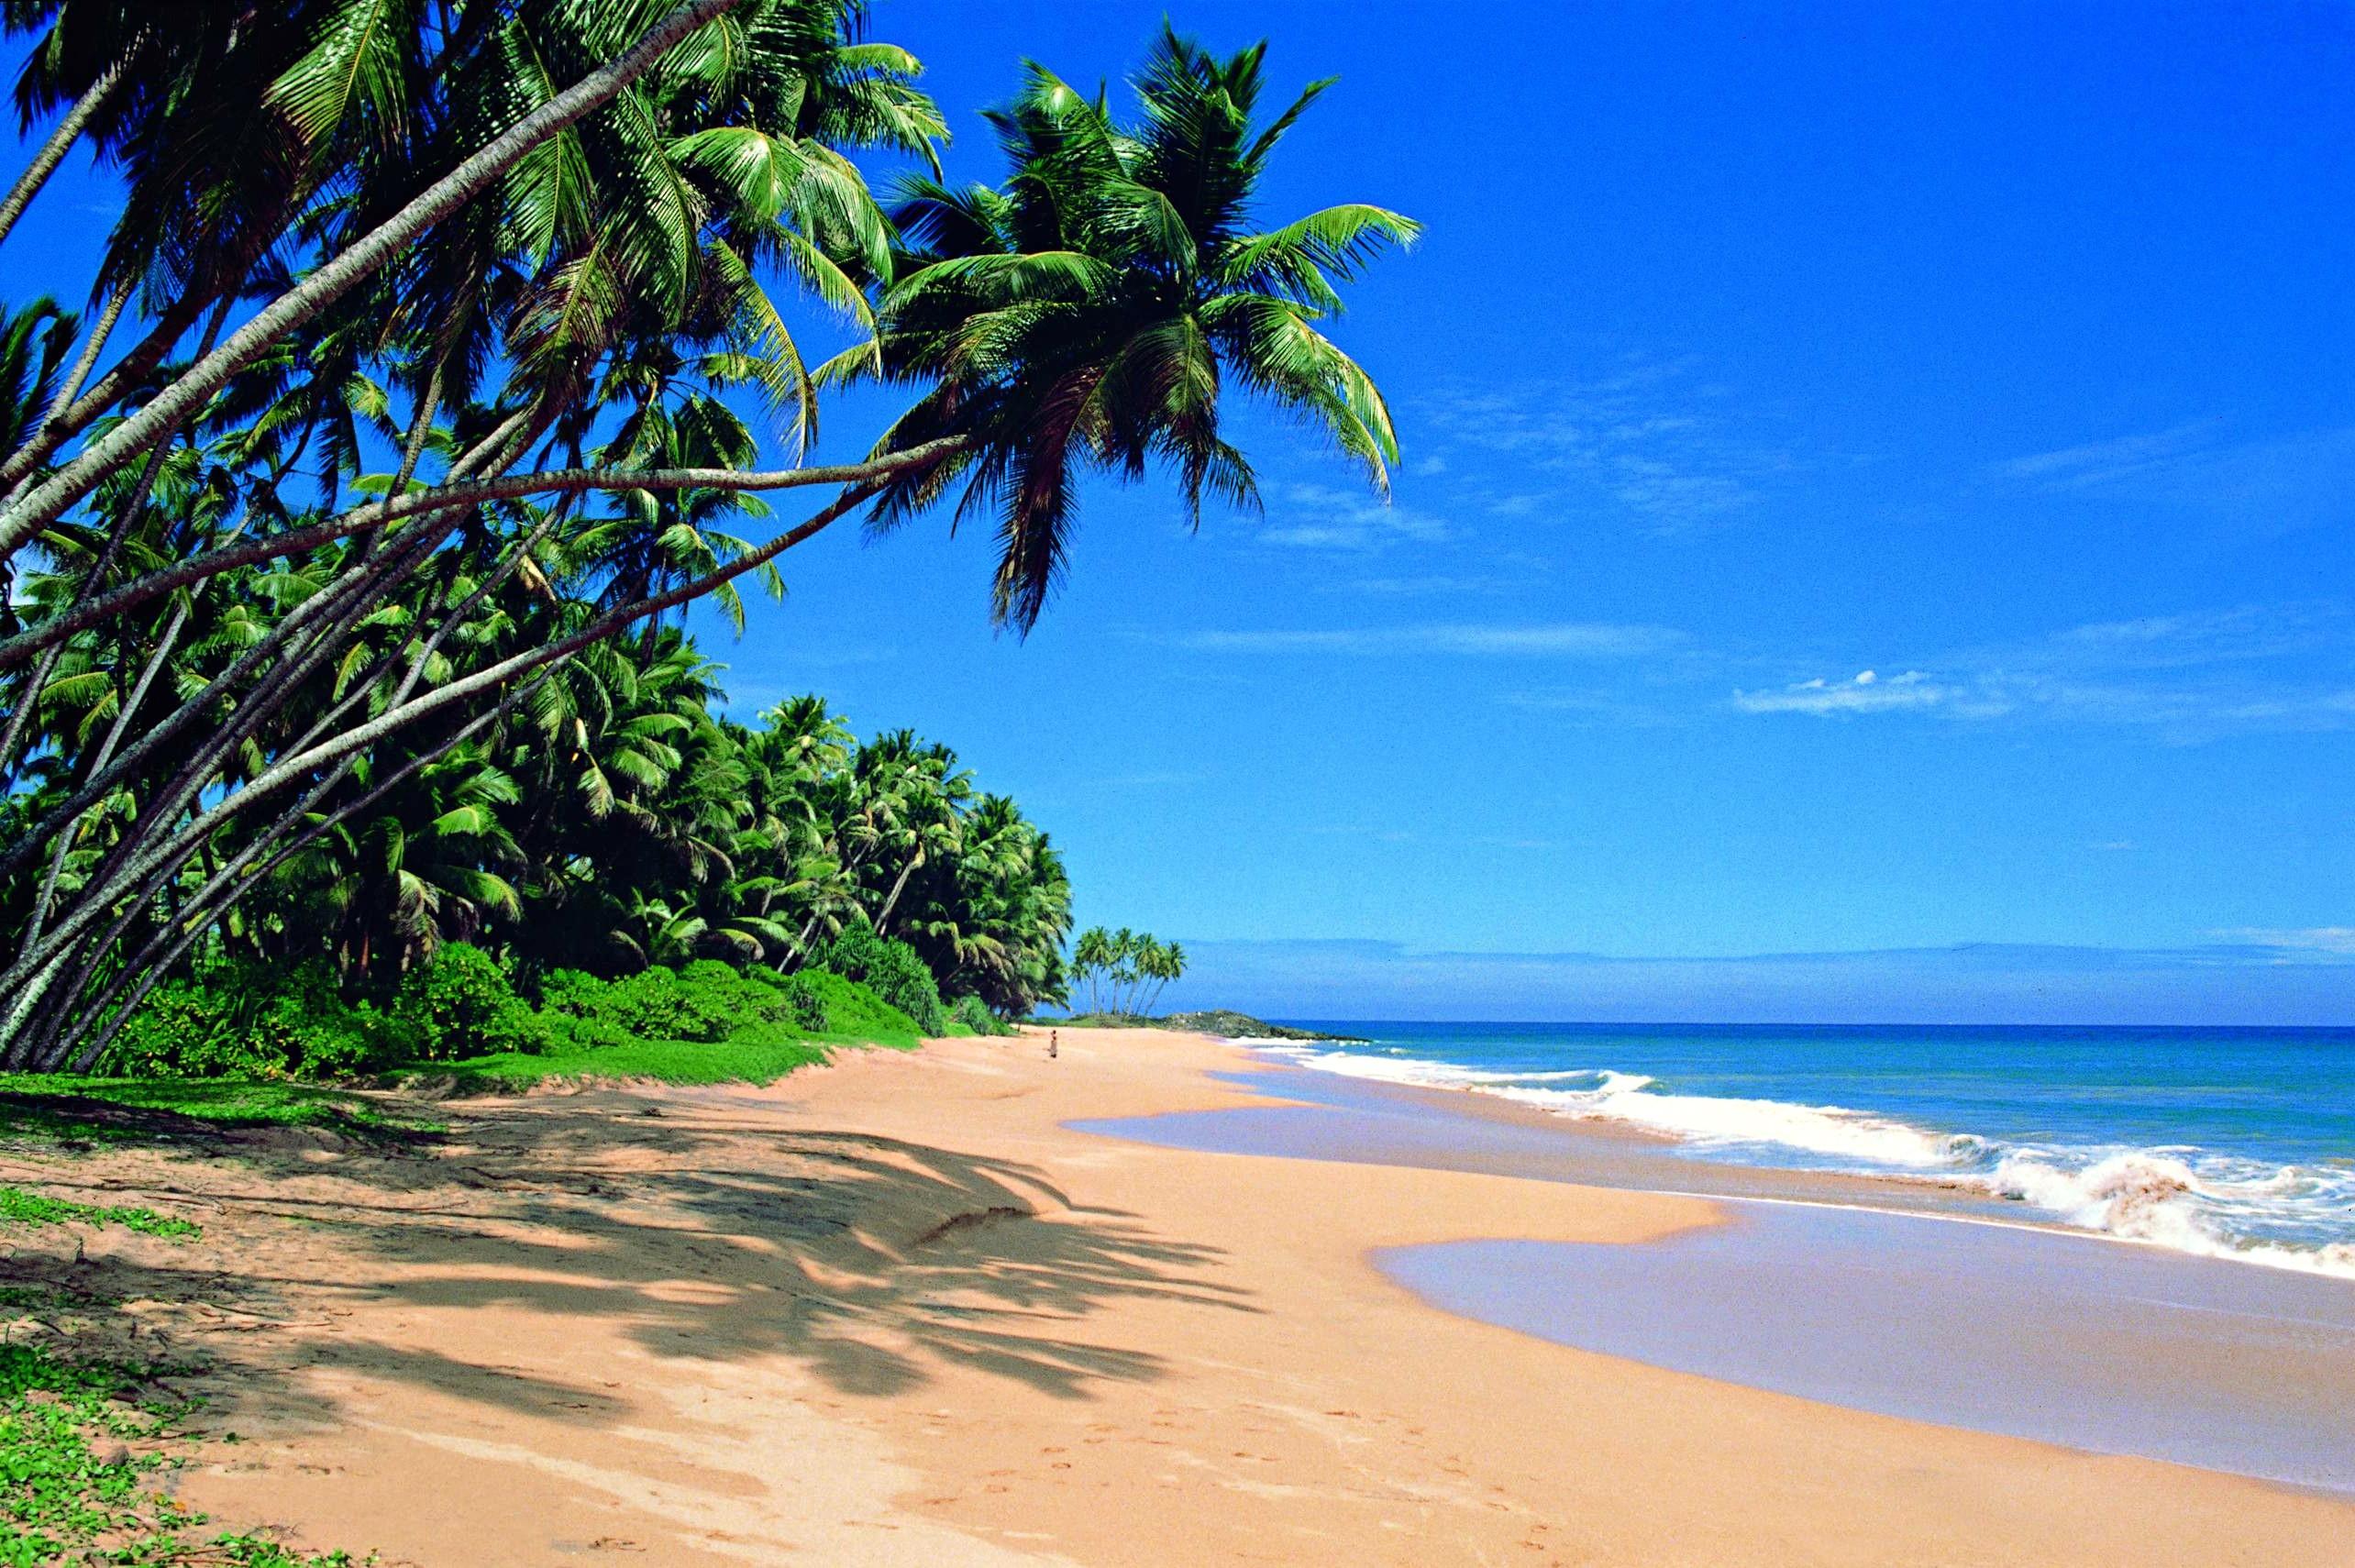 SkyUp в конце октября запускает рейсы на Шри-Ланку | НикВести ...